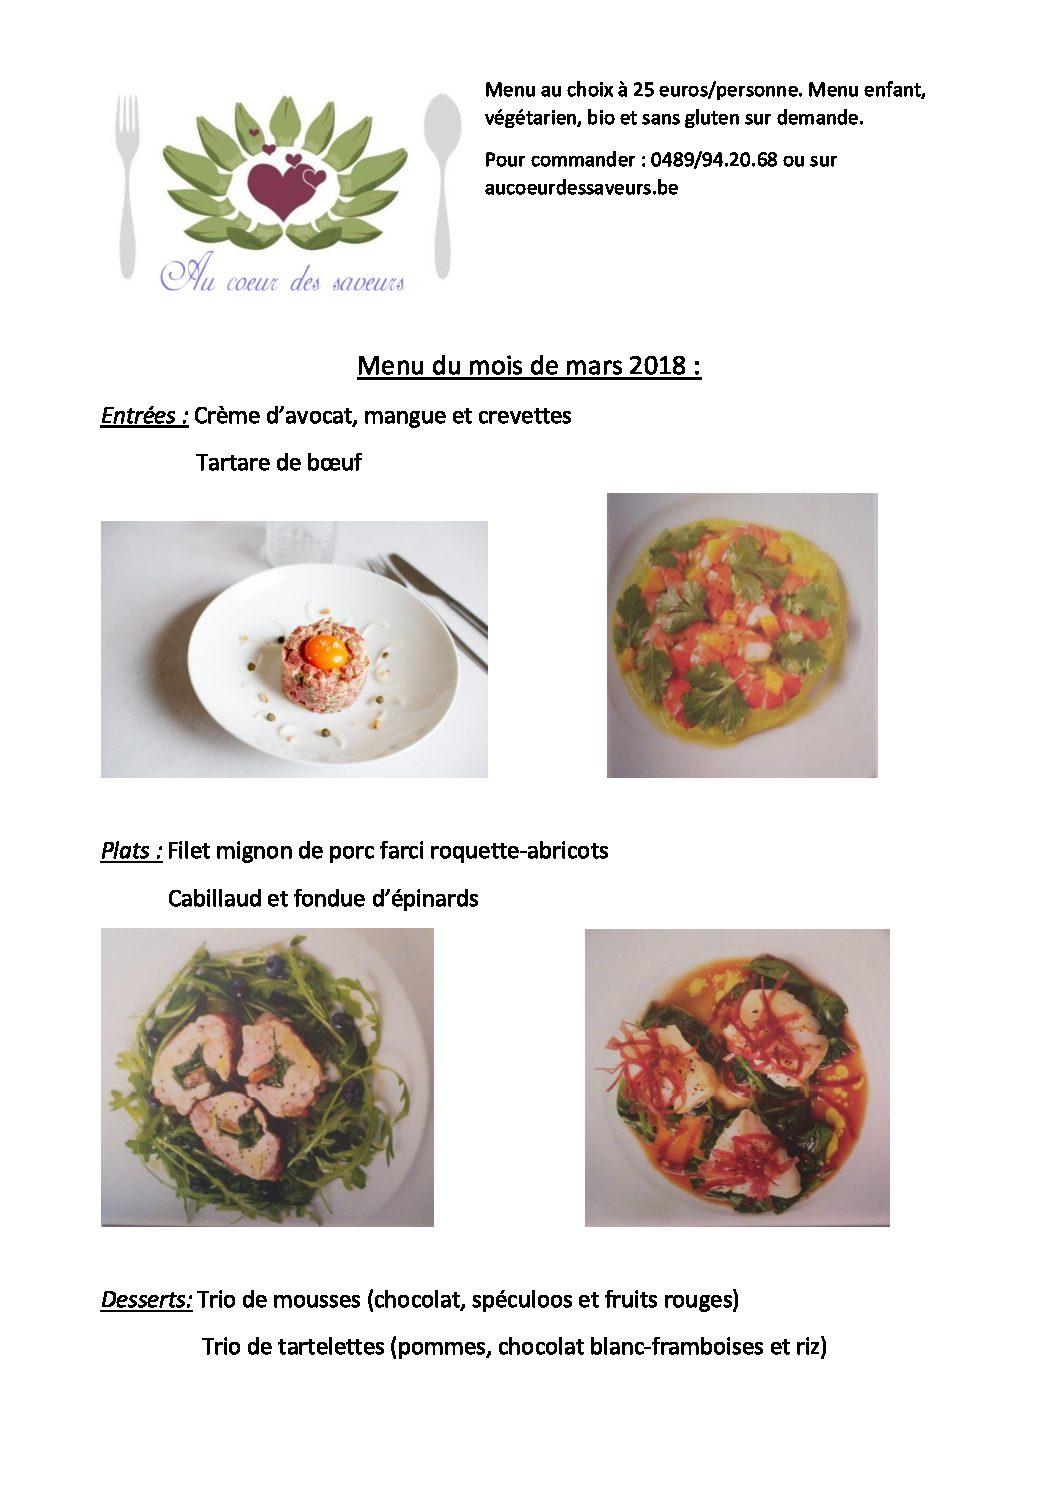 menu du mois de mars